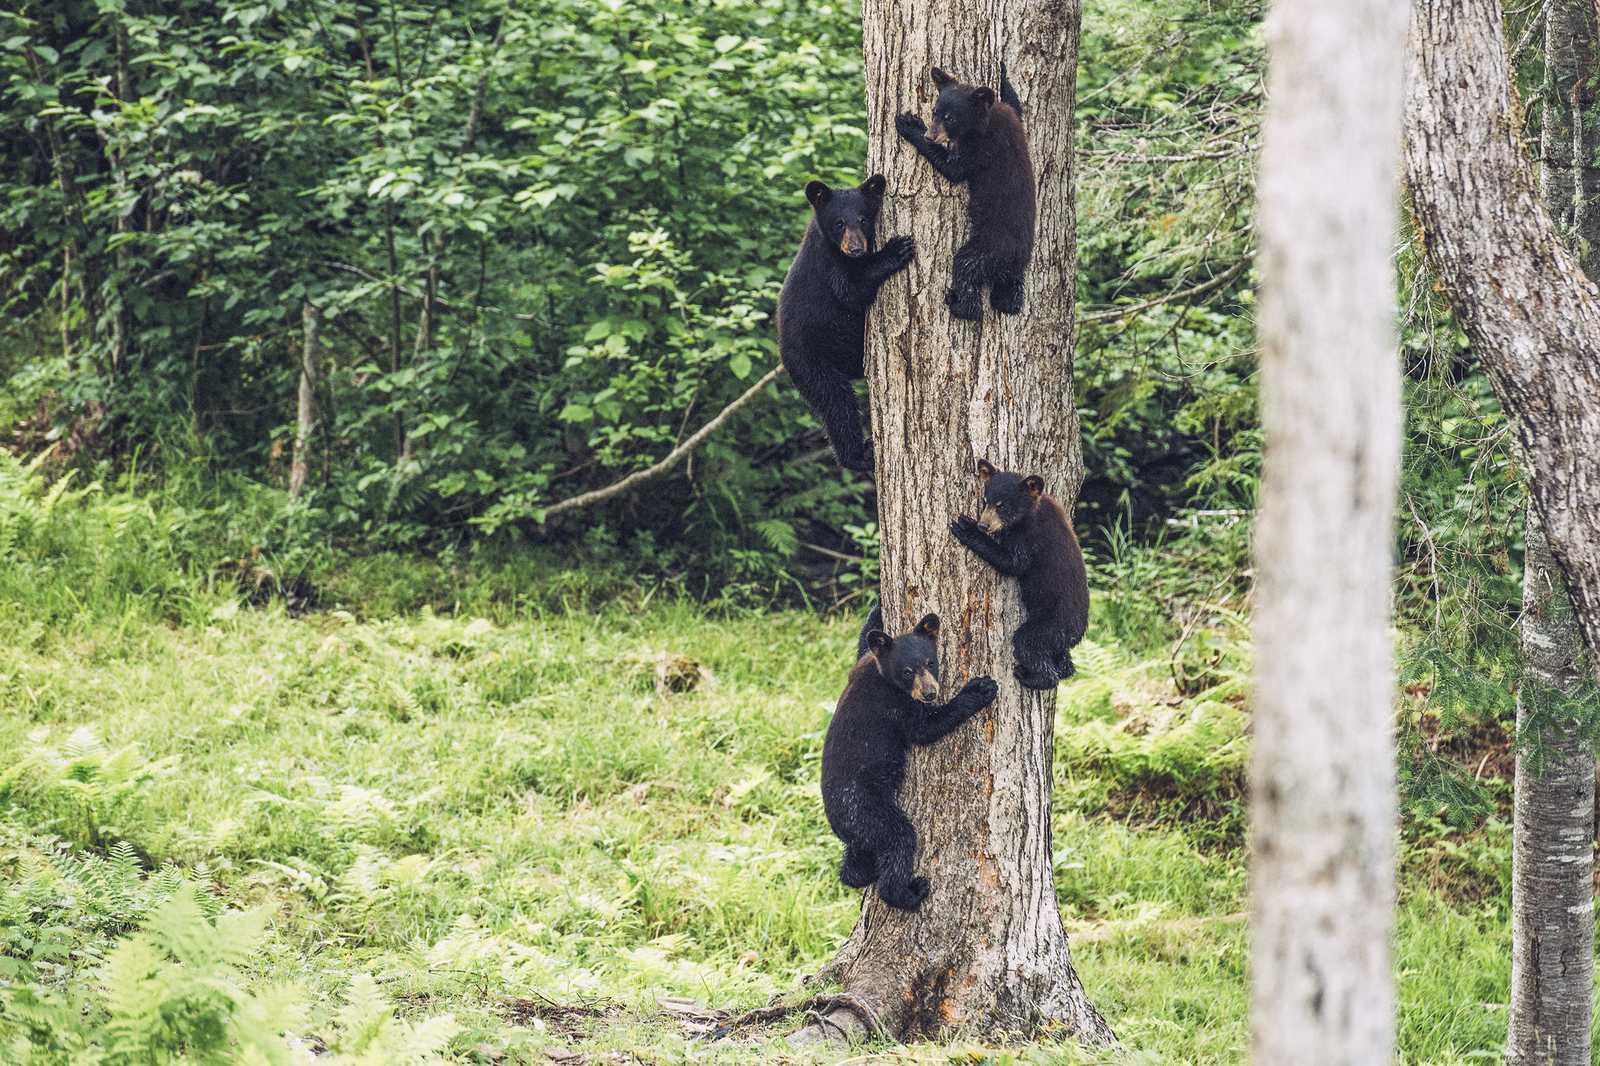 Junge Schwarzbären auf Klettertour in New Brunswick, Kanada